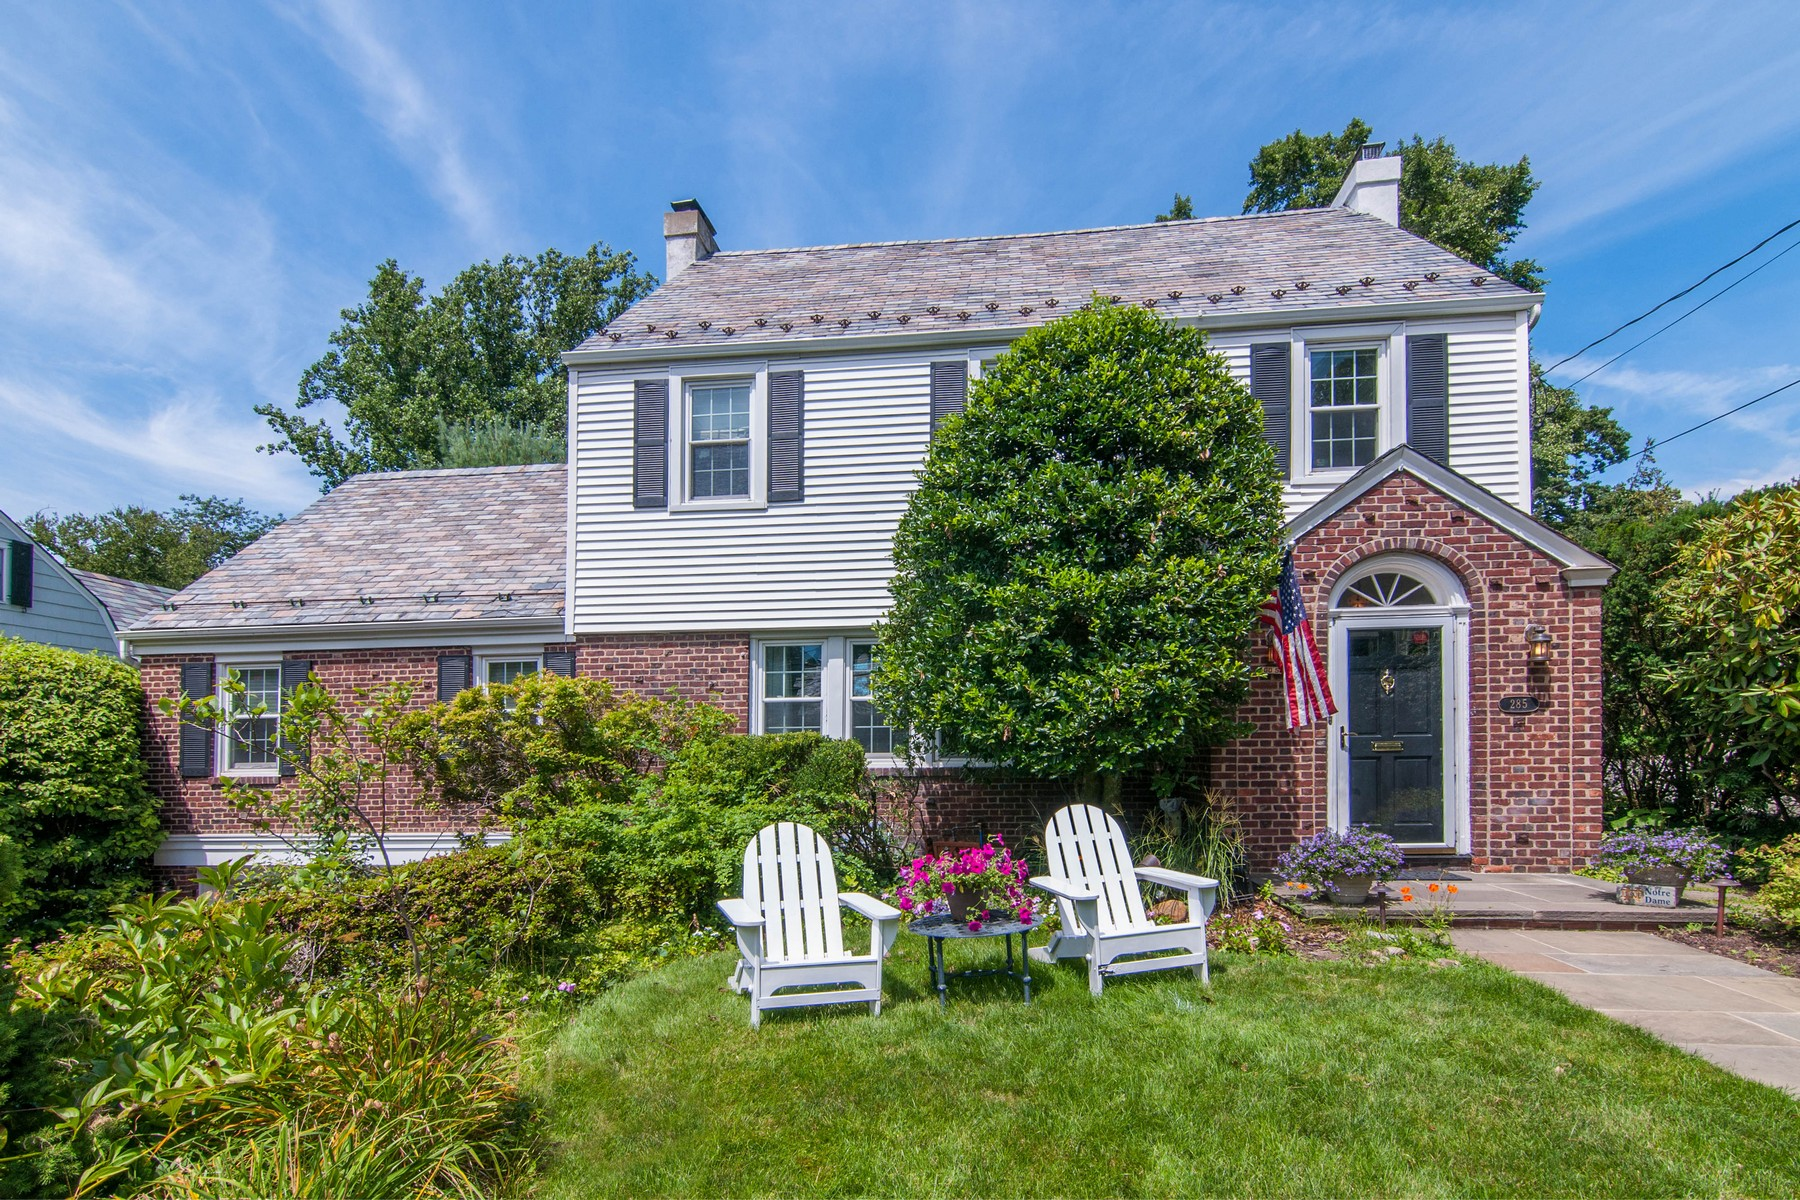 Maison unifamiliale pour l Vente à Colonial 285 Ryder Rd Manhasset, New York, 11030 États-Unis